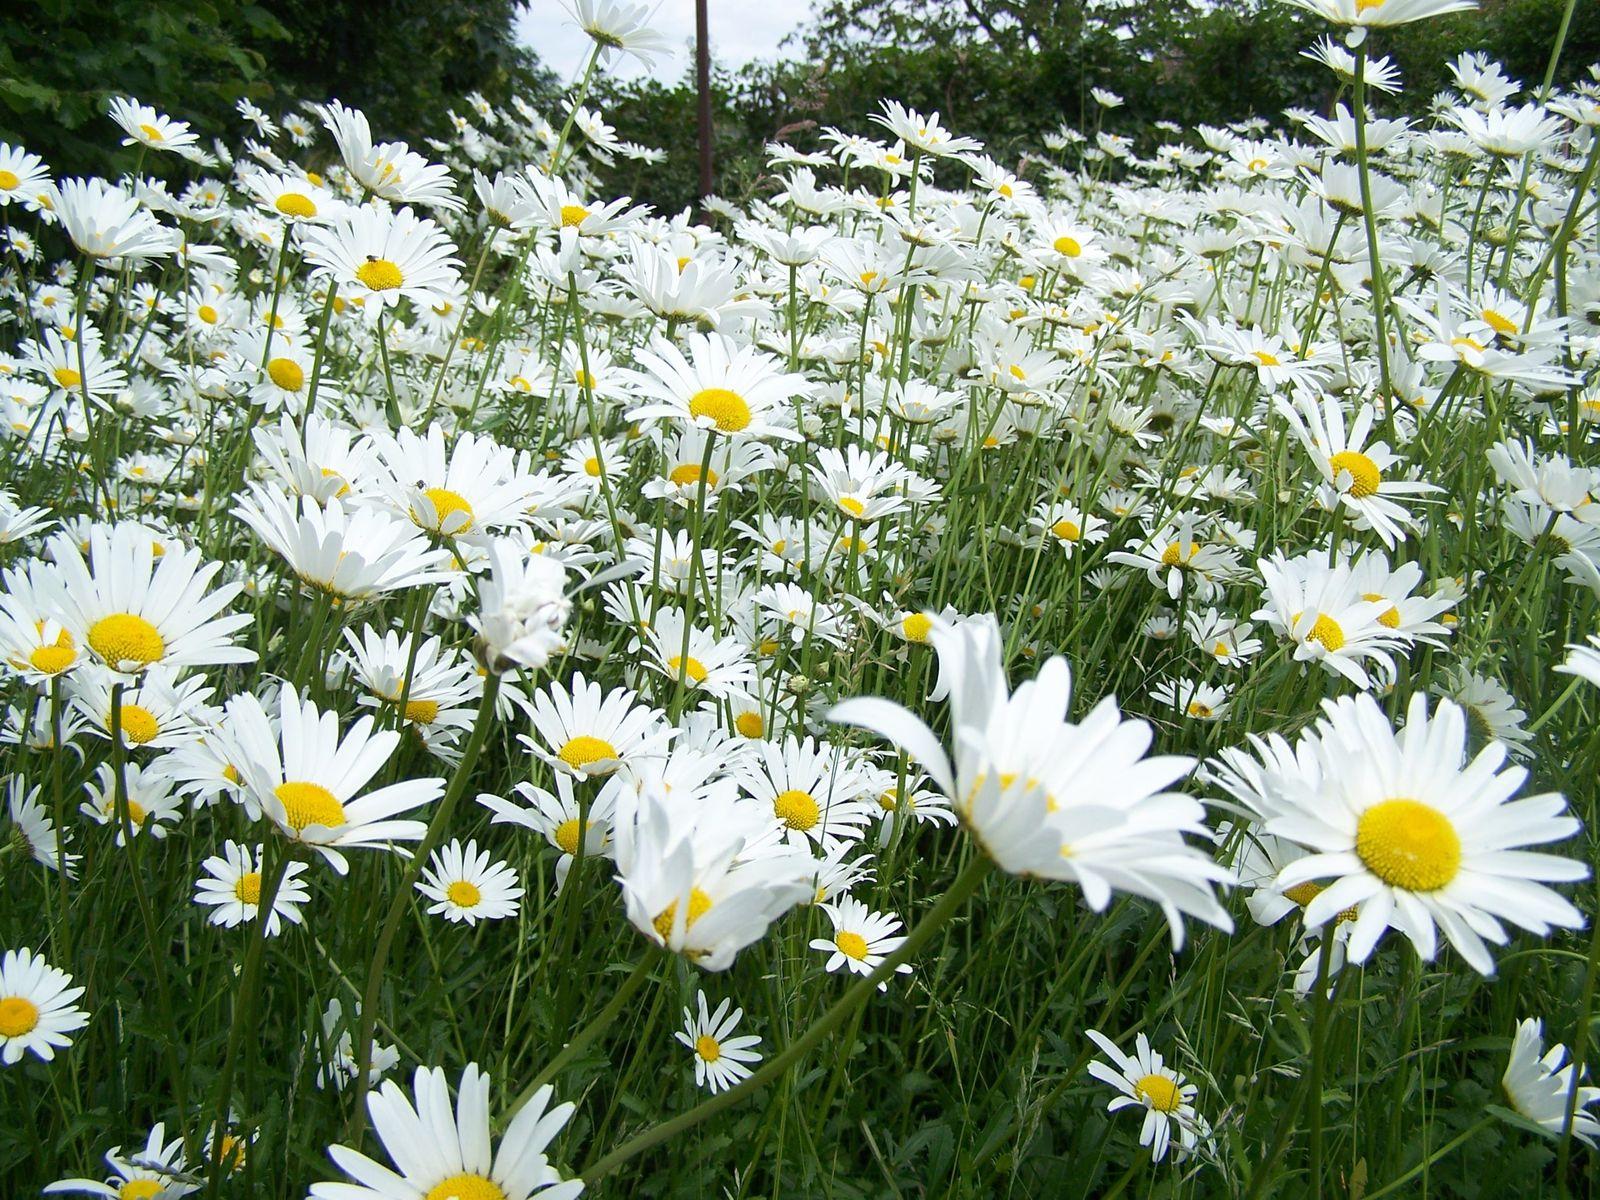 Les fleurs du jardin le blog de petite f e for Jardin de fleurs blanches